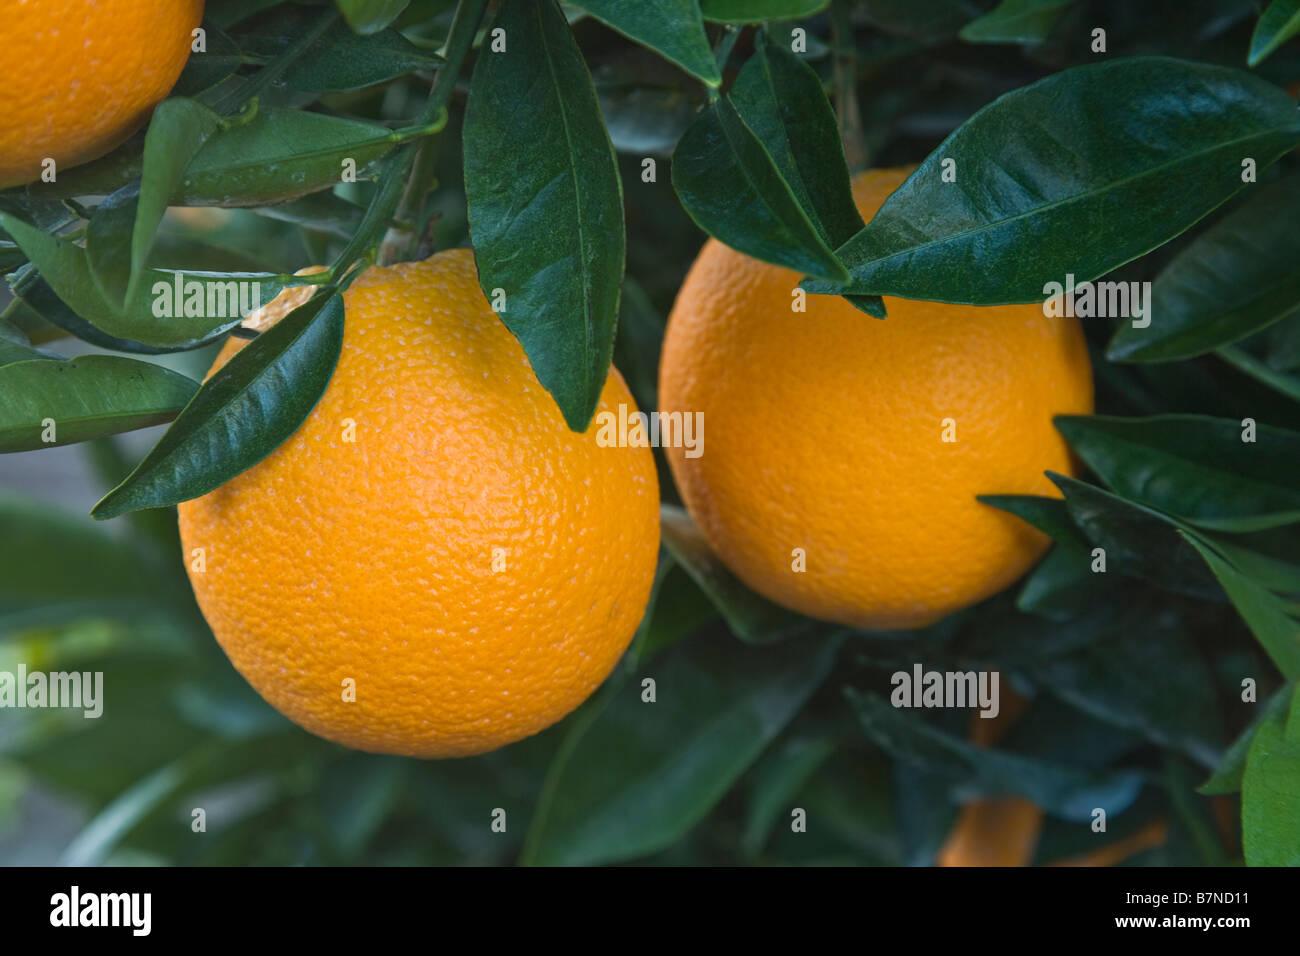 Mature Navel  Oranges  'Washington' variety hanging  on branch. - Stock Image